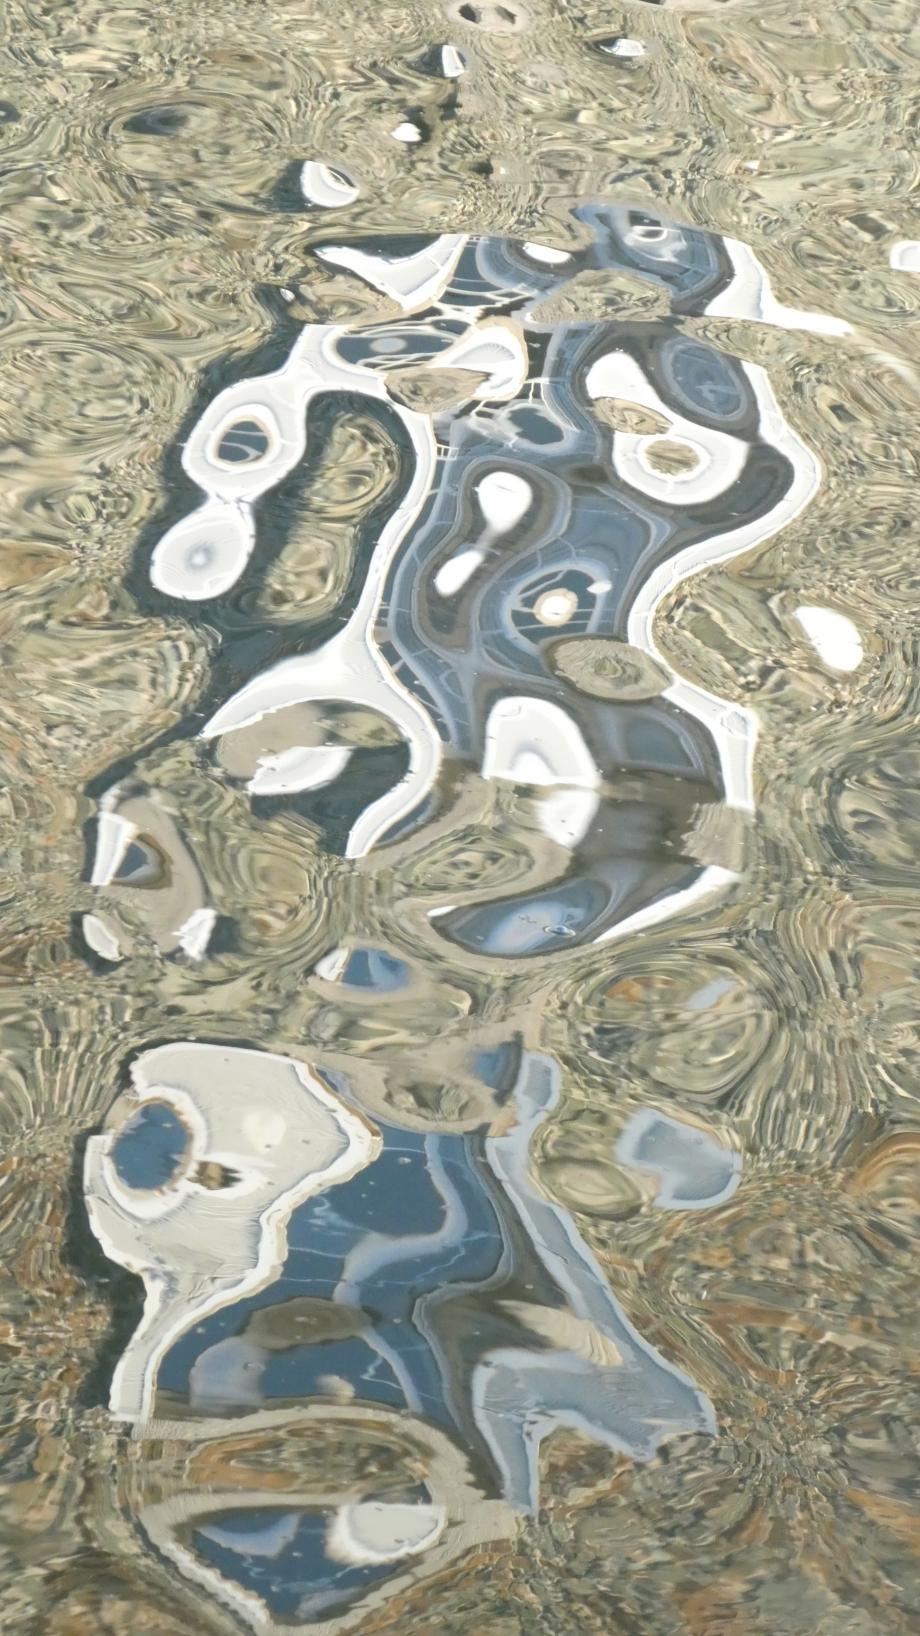 Miroir etang dahouet Sept2020 025.JPG